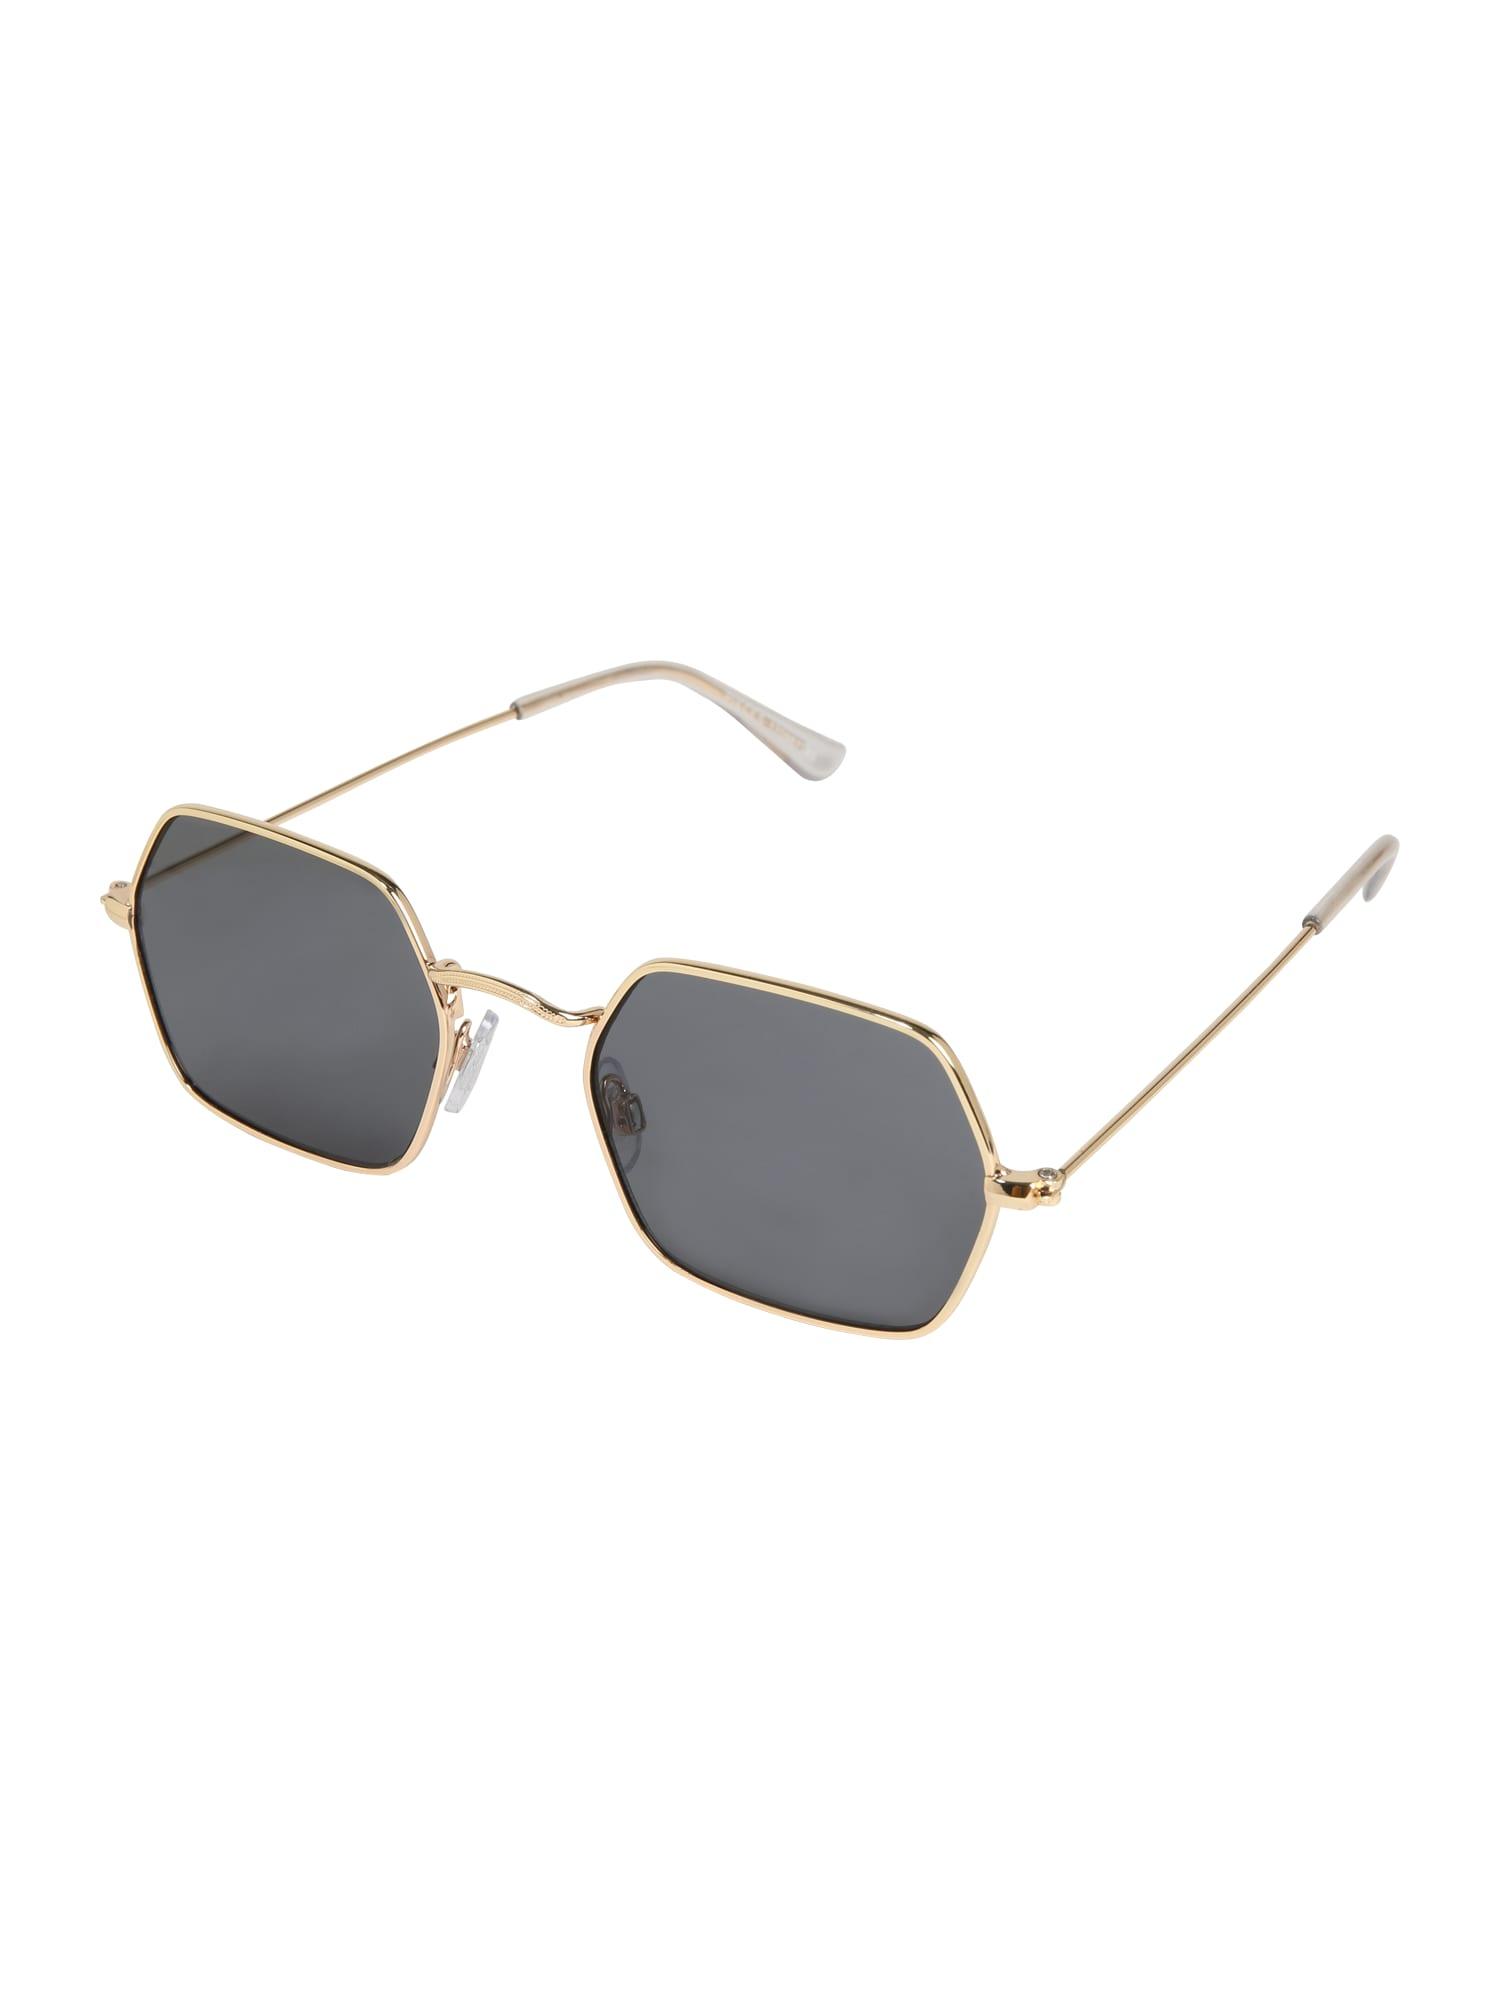 Sluneční brýle MELINDA SUNGLASSES D2D zlatá PIECES